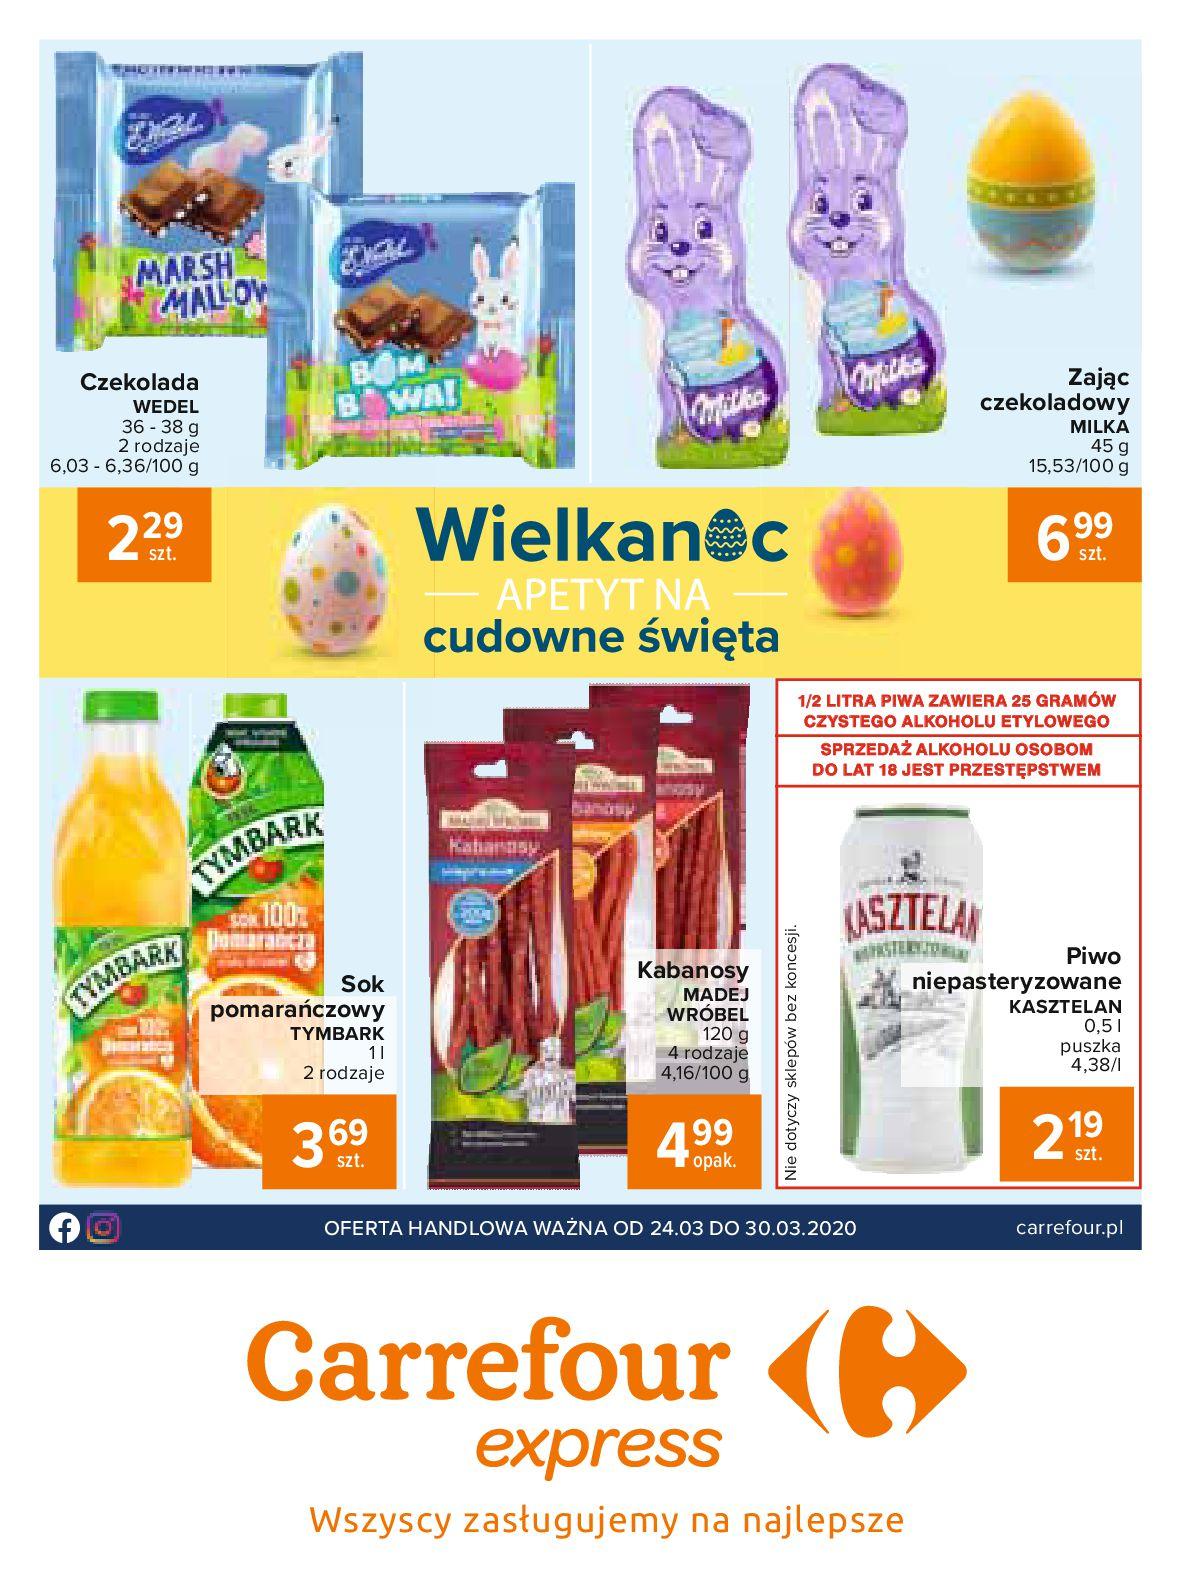 Gazetka Carrefour Express - Oferta handlowa-23.03.2020-30.03.2020-page-2